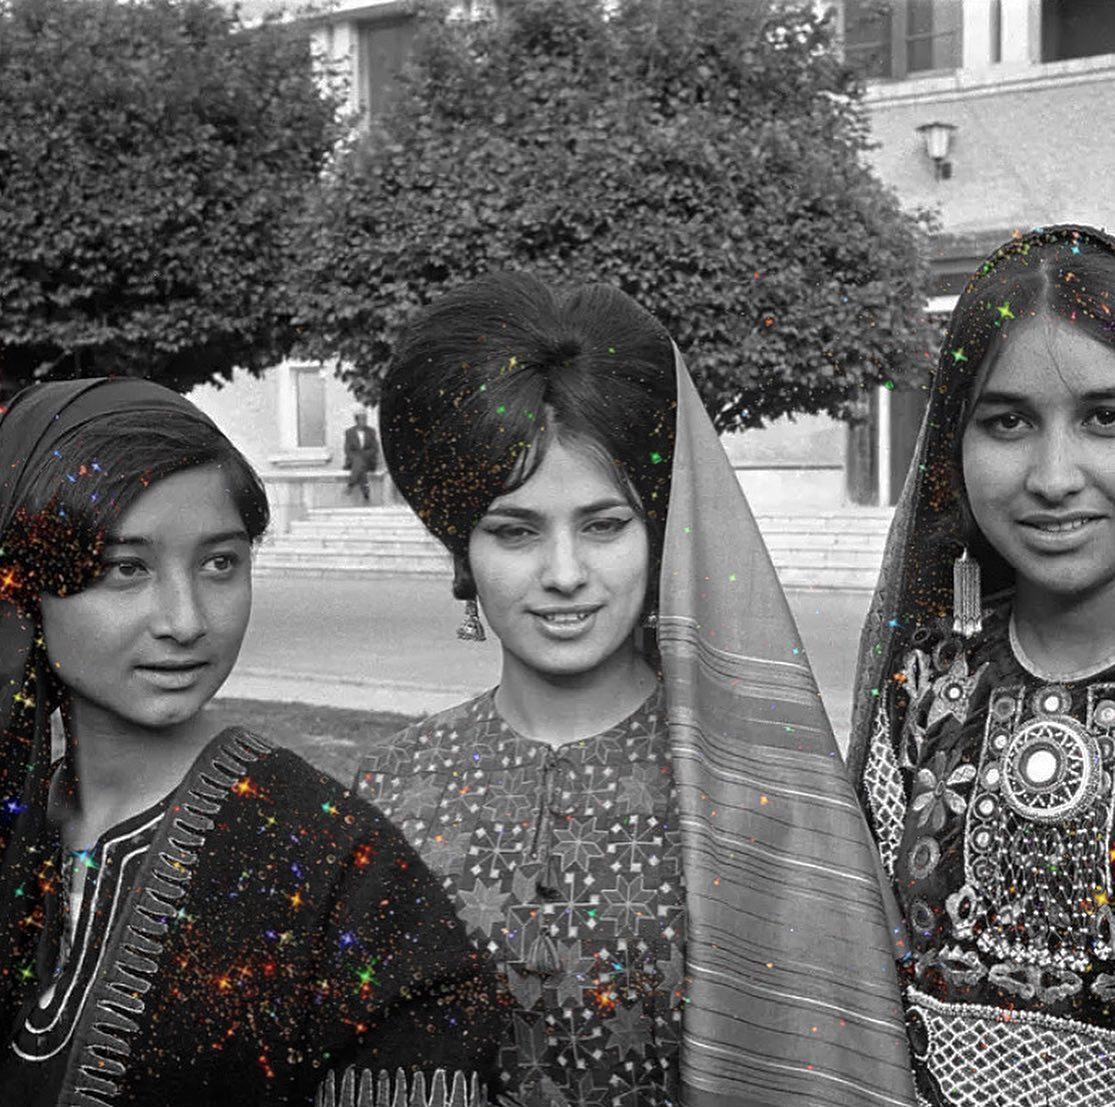 Mujeres sonriendo ;Así era la vida de las mujeres de Afganistán en los años 70